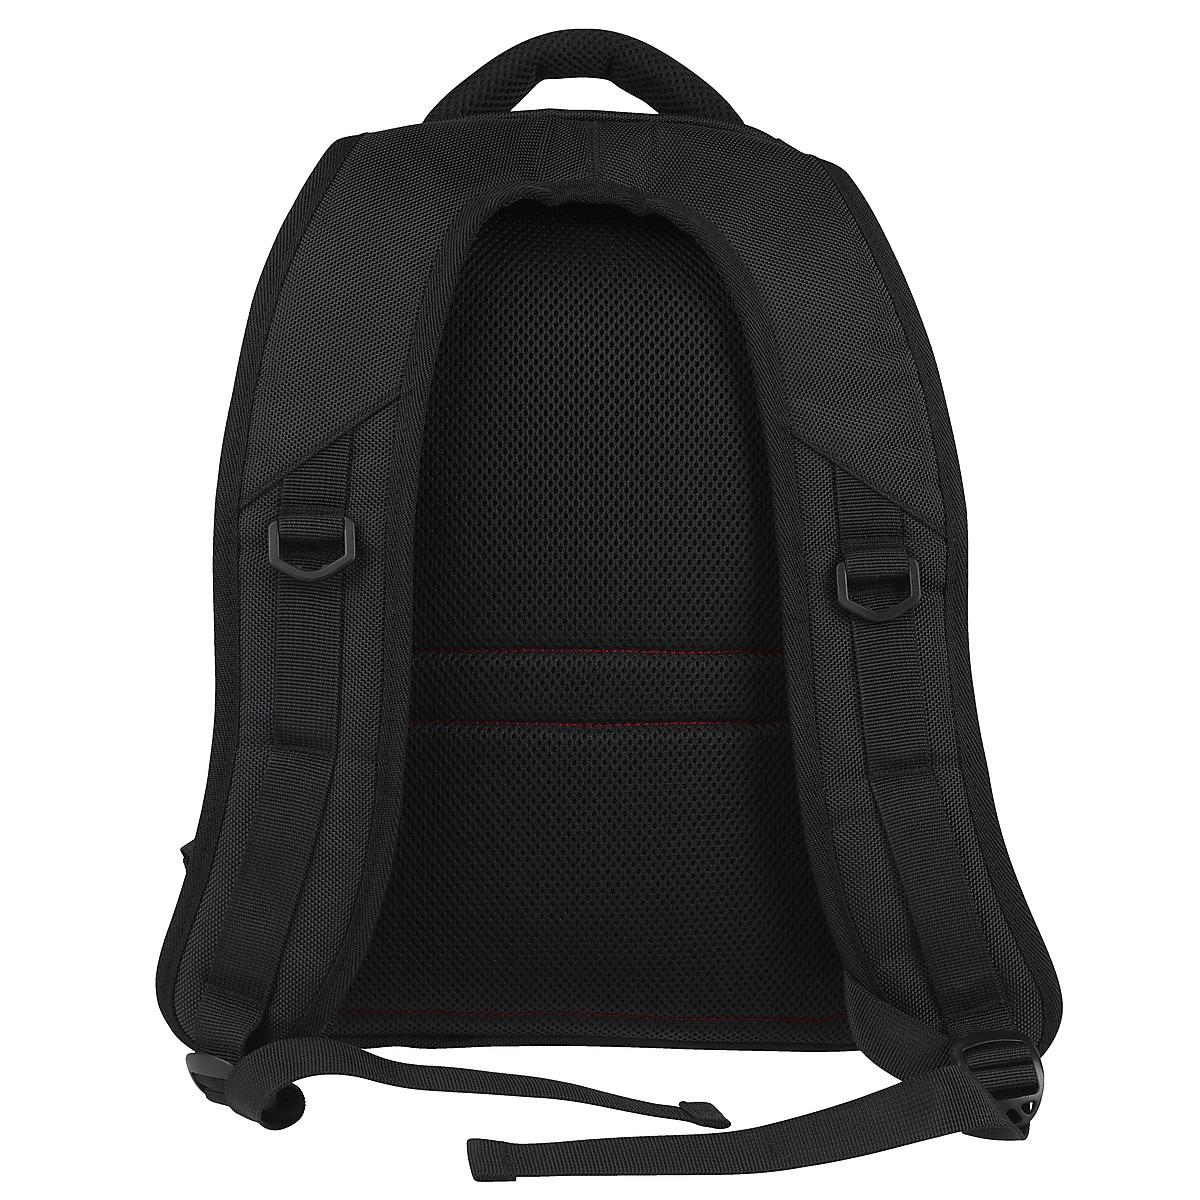 Asaklitt 20-Litre Backpack